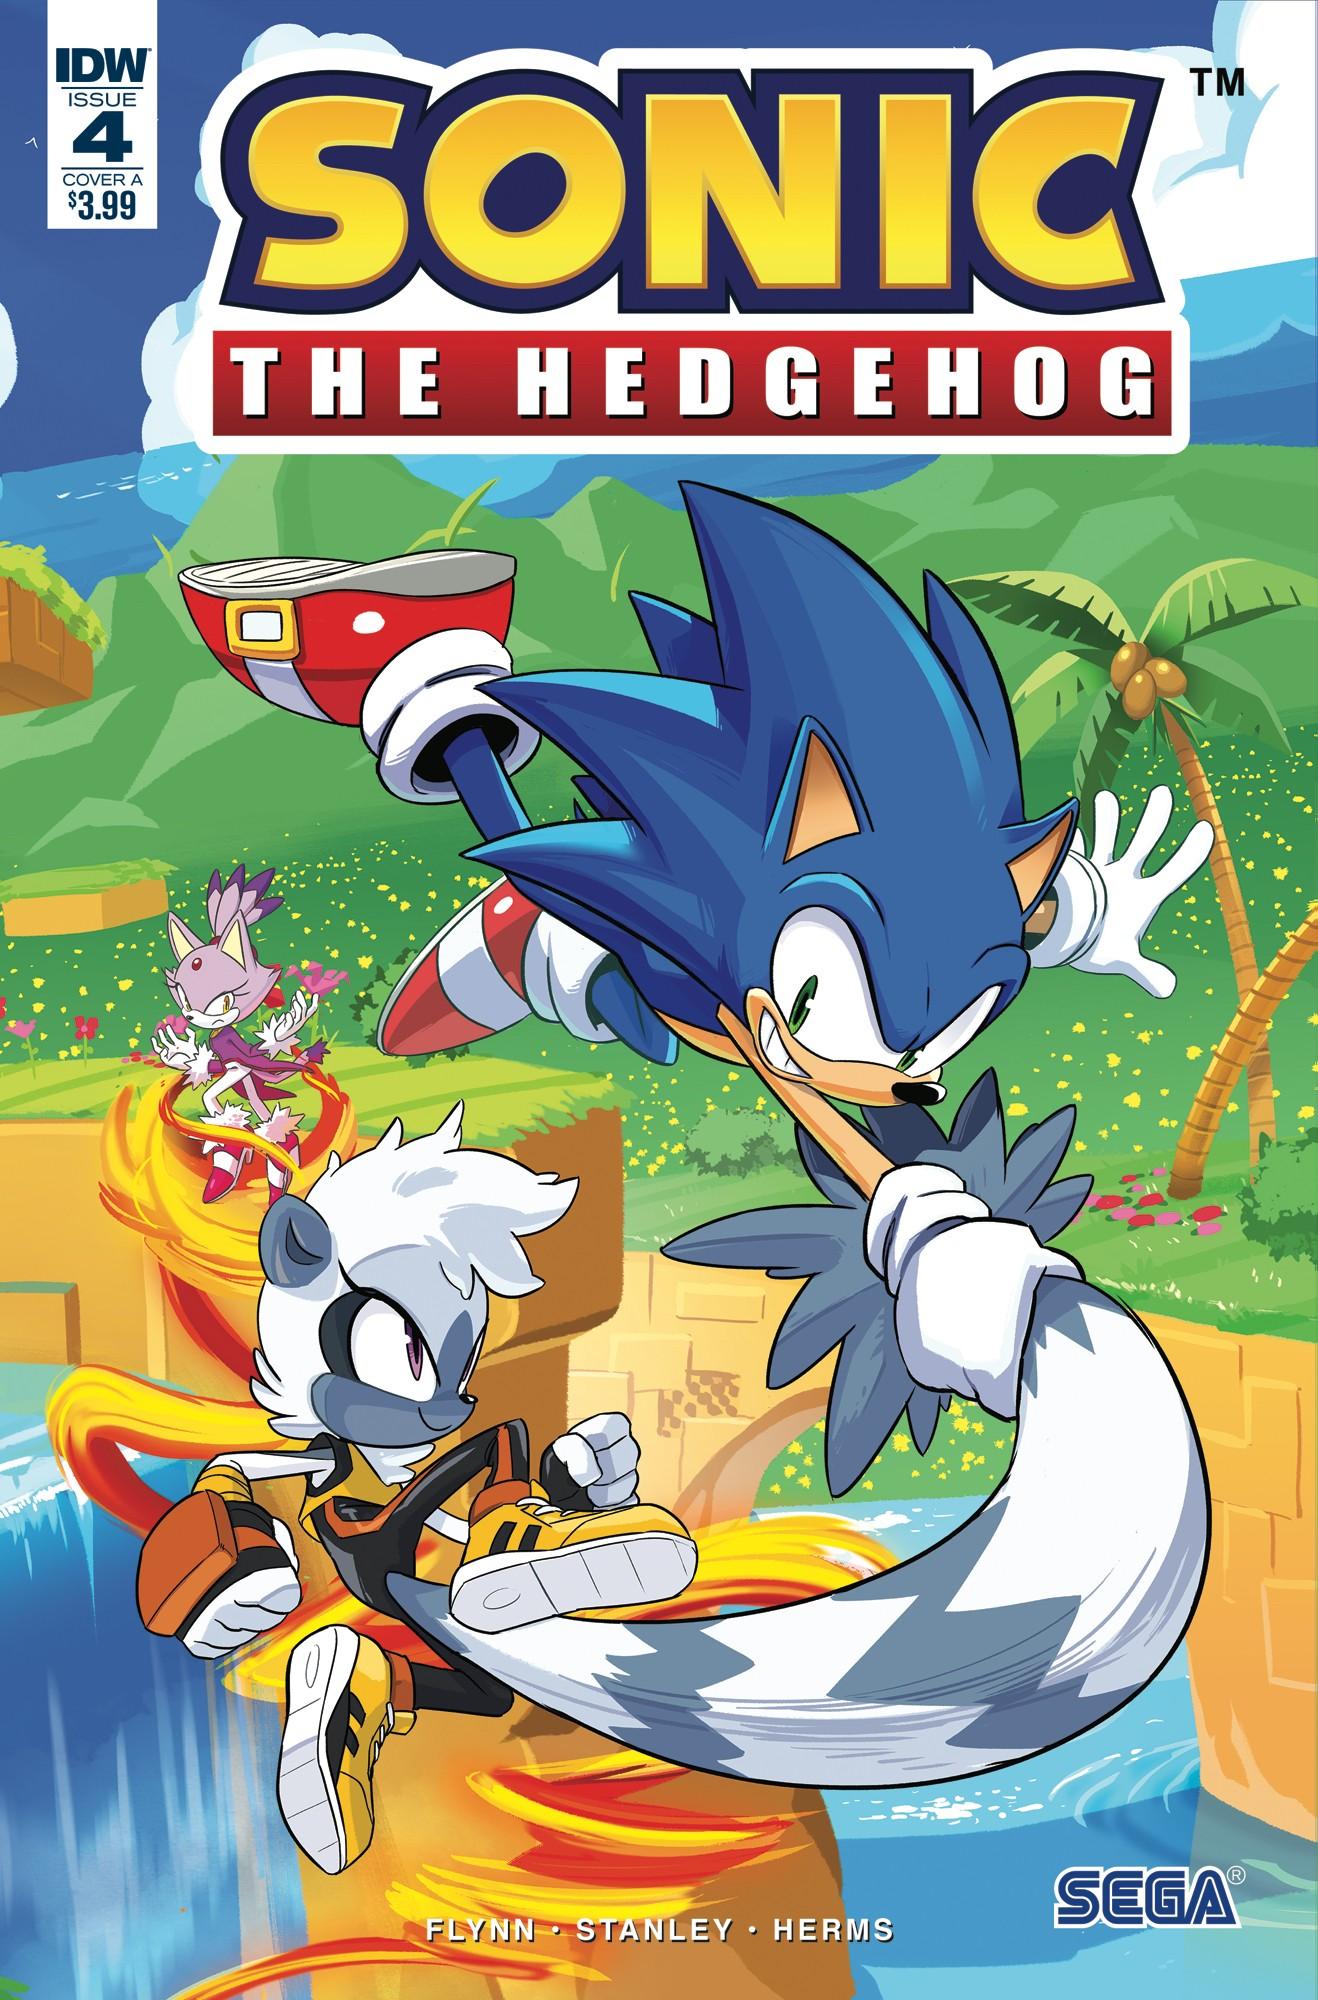 sonic idw hedgehog issue wiki wikia